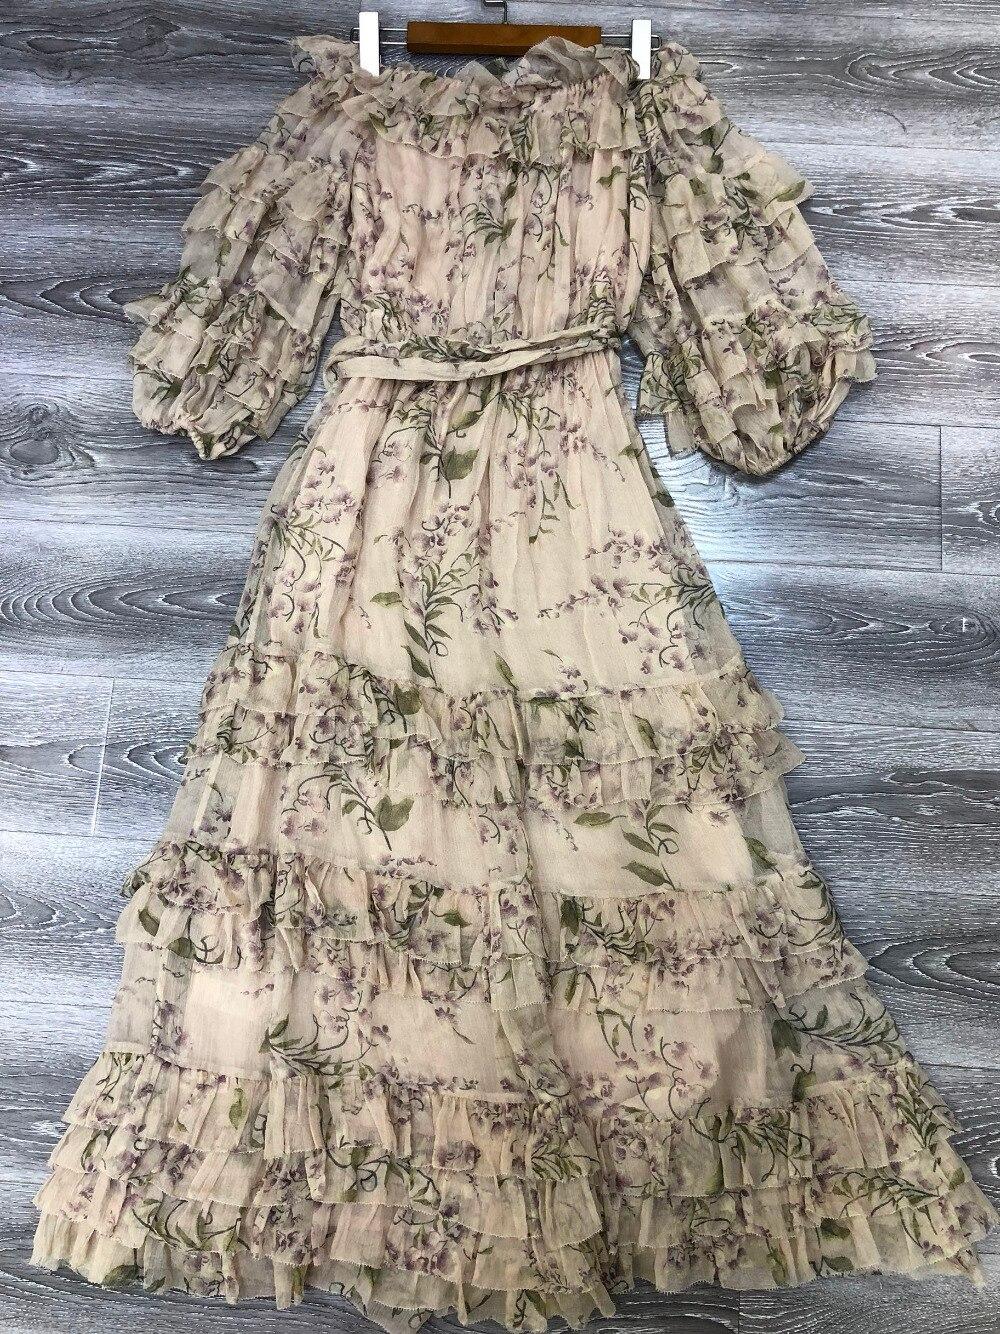 Élastique Taille Imprimer Midi Robe Longue 100 Soie Avec As Débridée À Encolure Ceinture Femmes Show Volants Floral Wisteria Picture Lilas SqvP1wqB